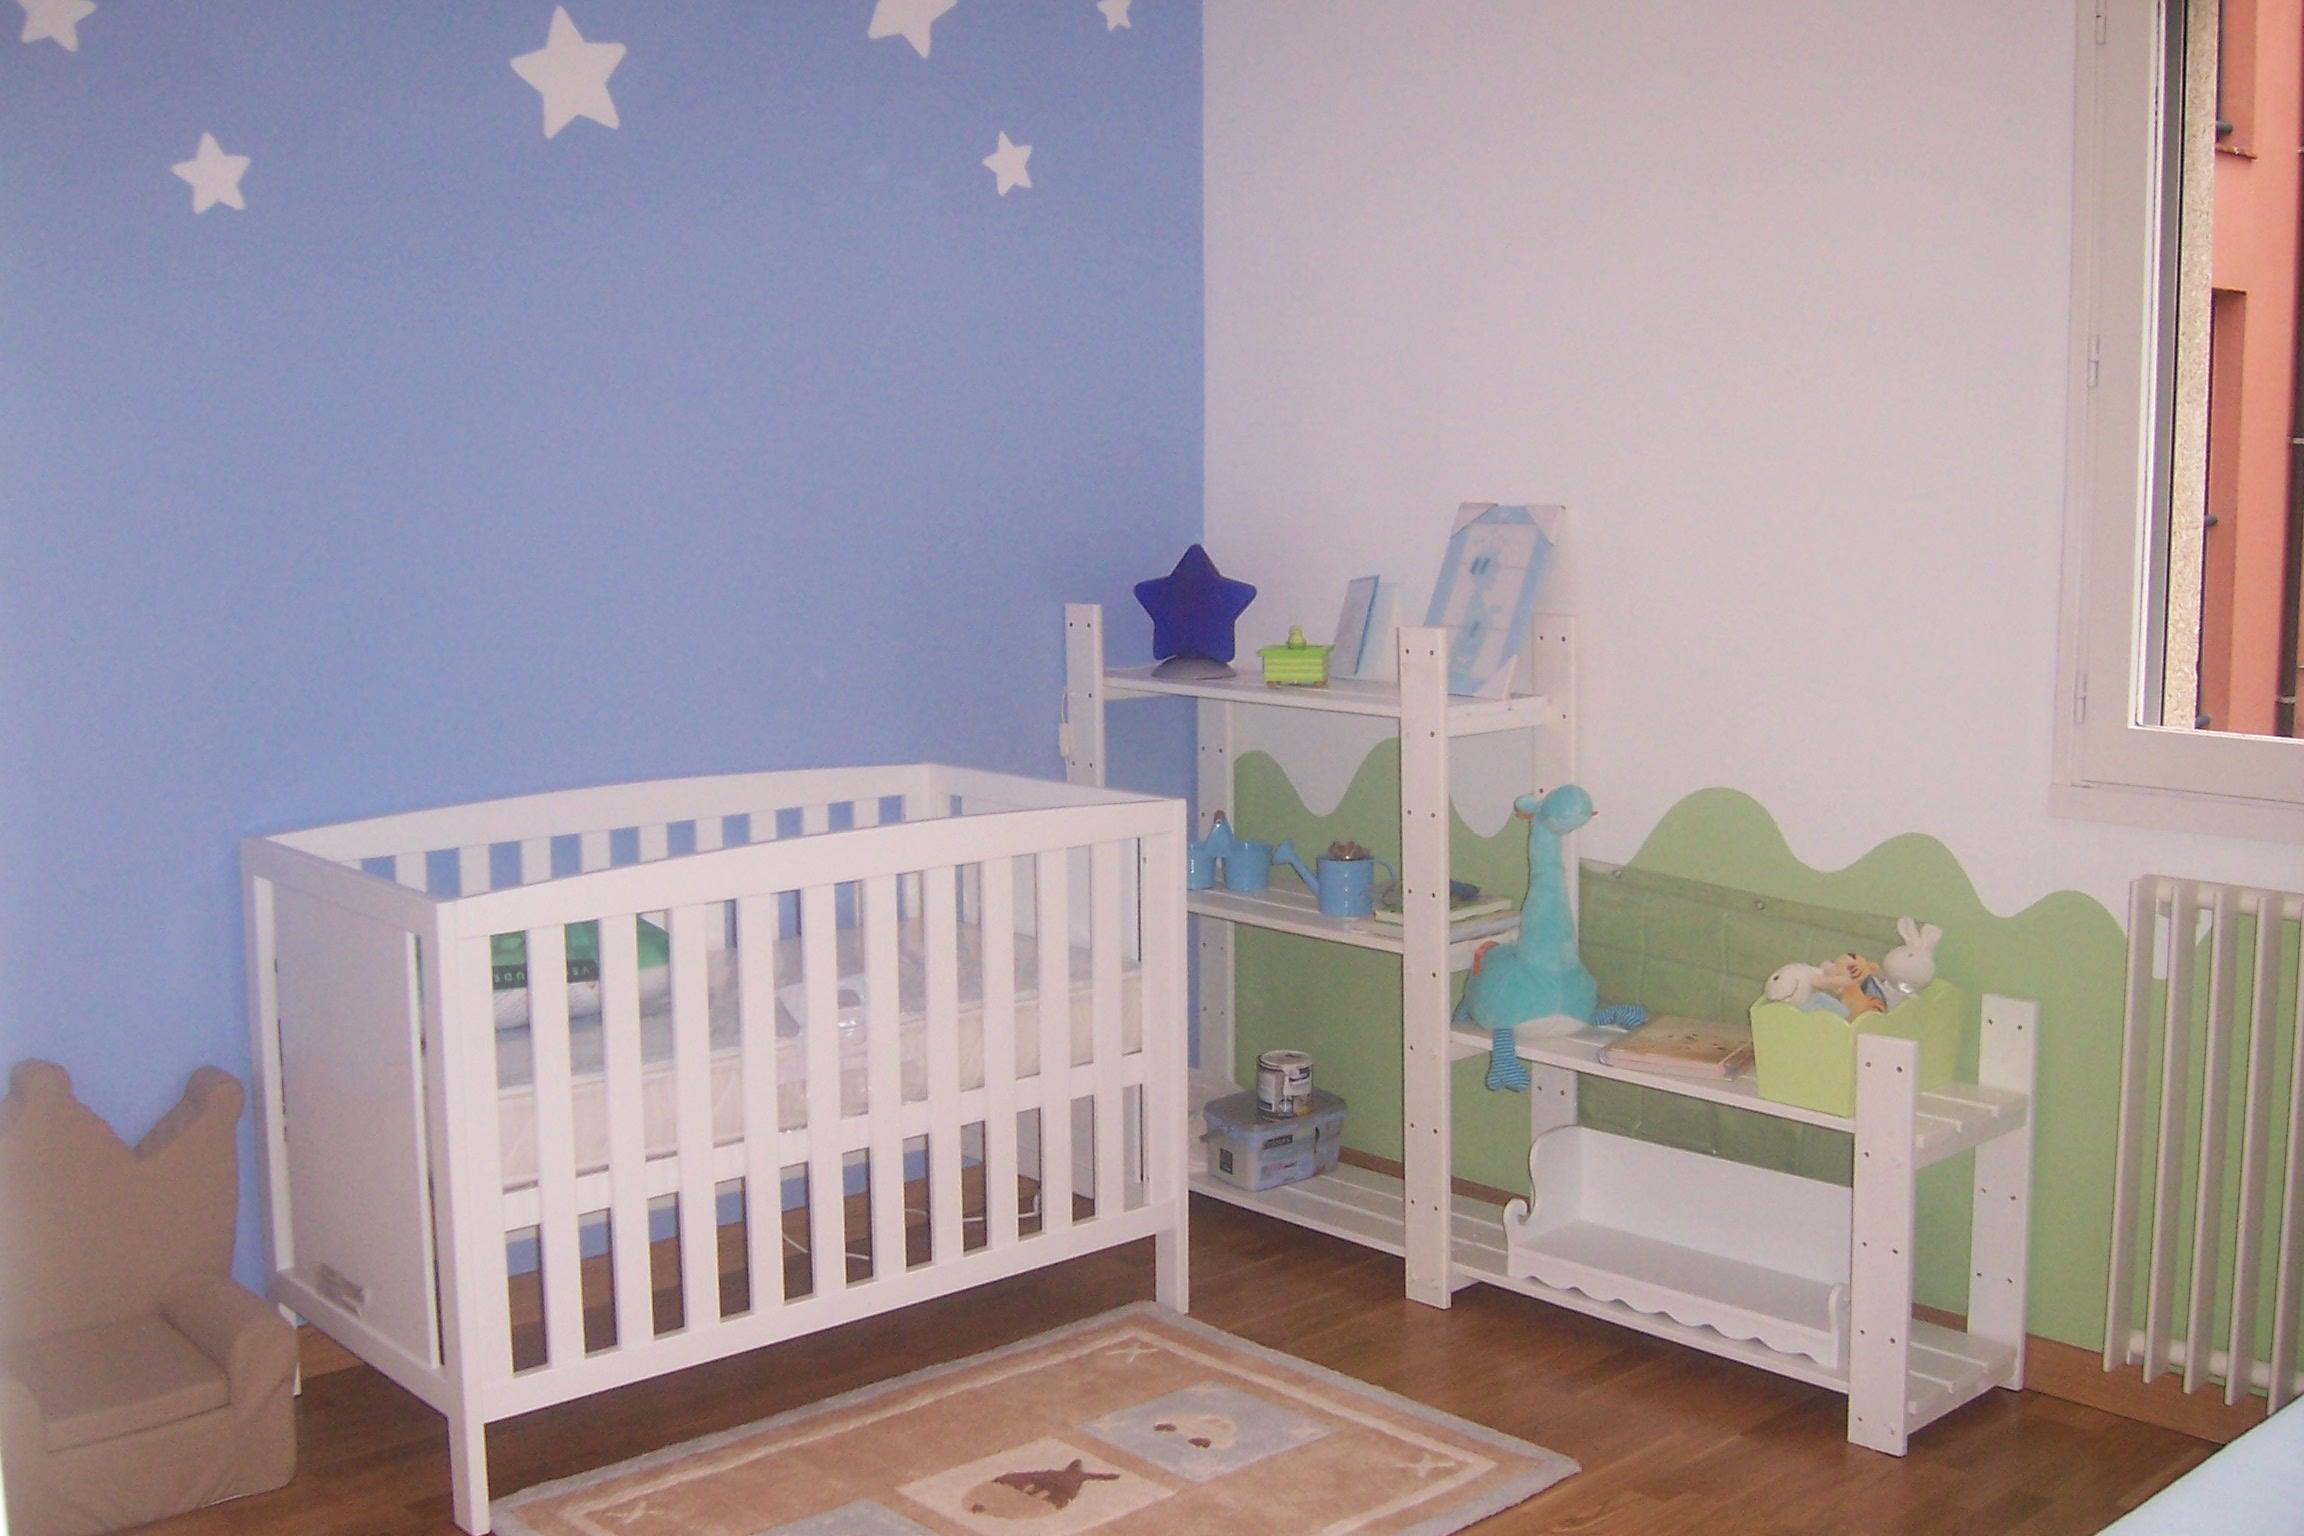 Dormir chambre peinture fraiche 205459 la for Chambre de dormir